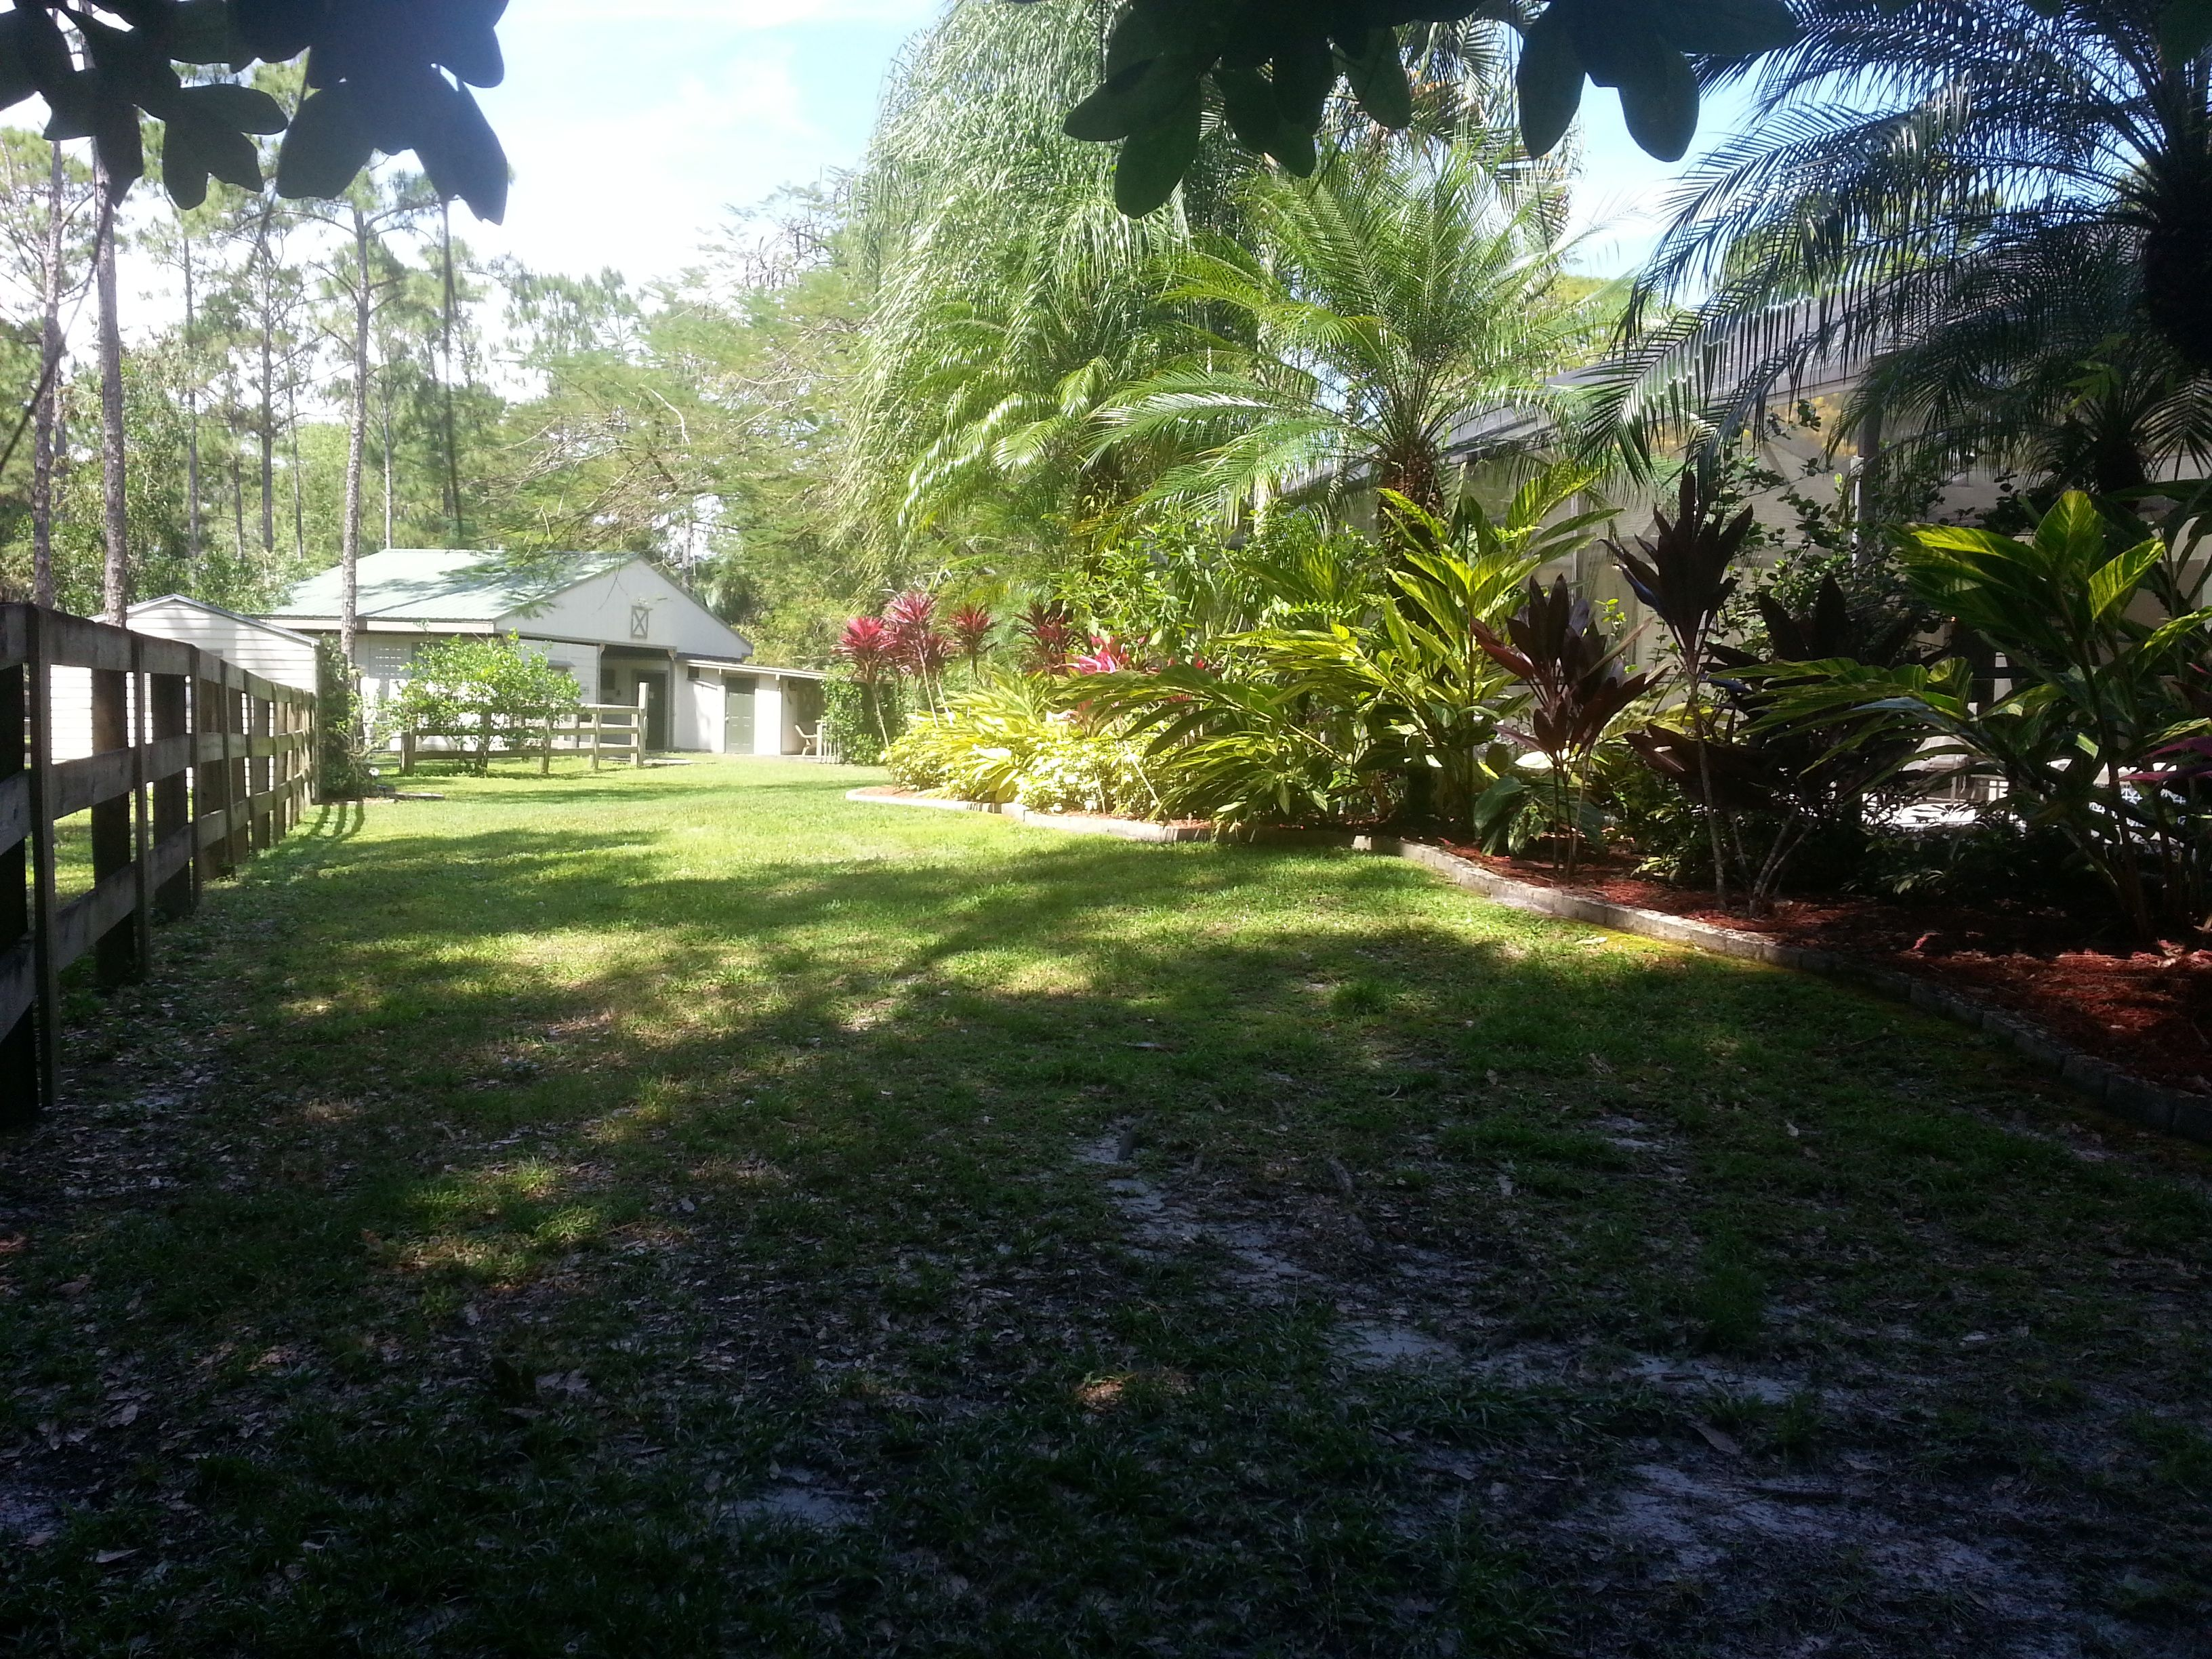 Tropical Oasis At Shadey A S Jupiter Florida Vacation